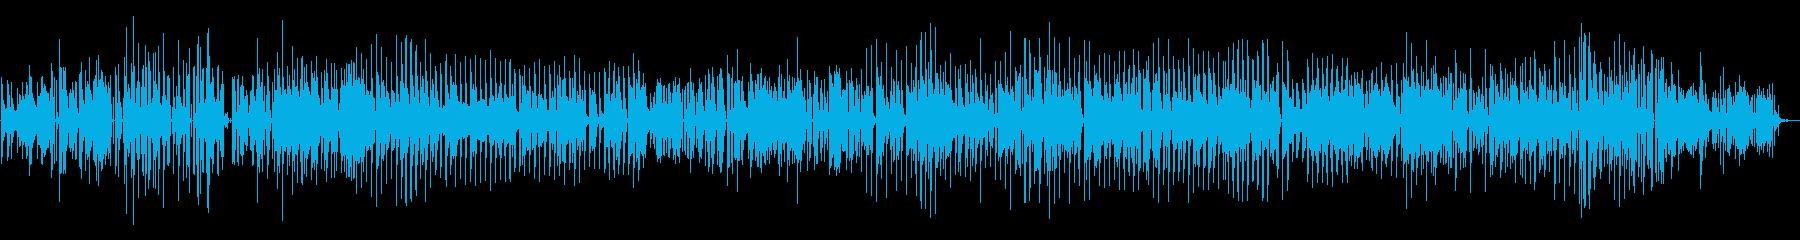 レトロゲーム的な迷宮BGMの再生済みの波形